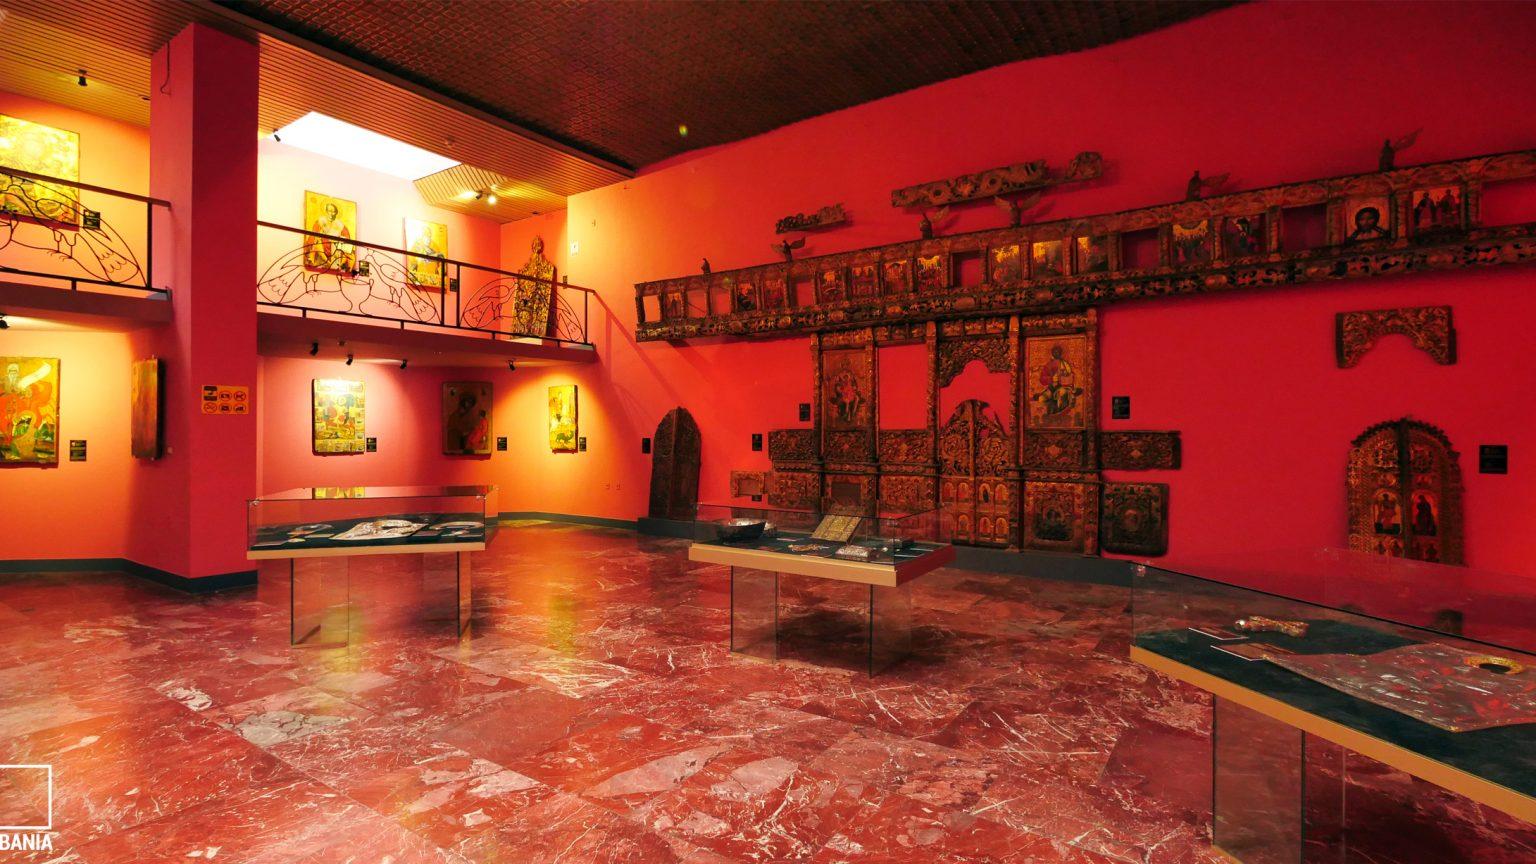 National History Museum of Albania, Tirana, photo by IntoAlbania